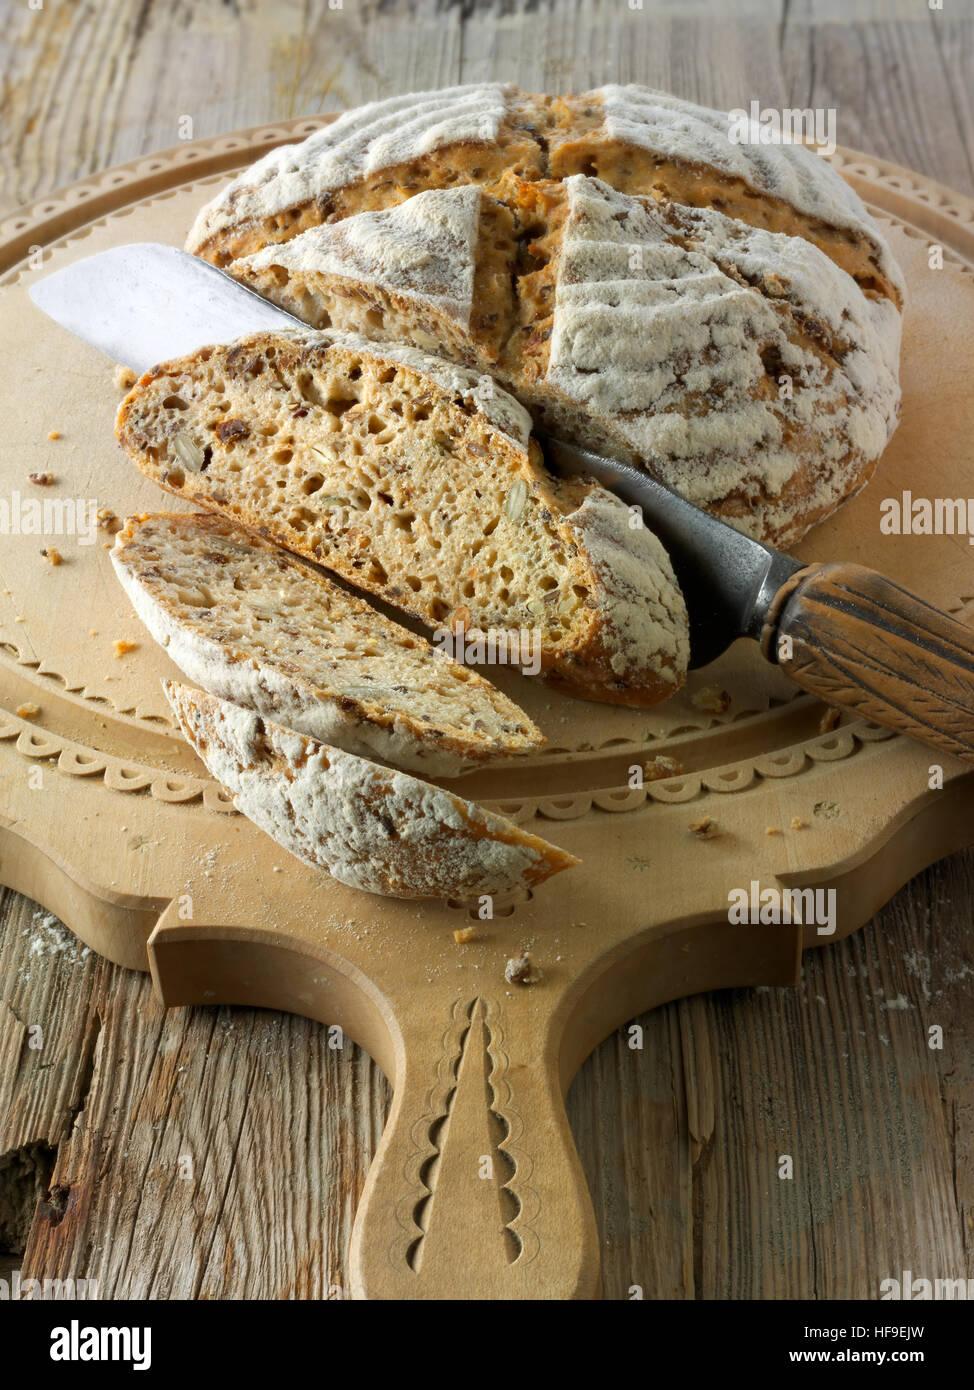 Artisan complet au levain Pain blanc avec des graines, de la farine de seigle malté Photo Stock